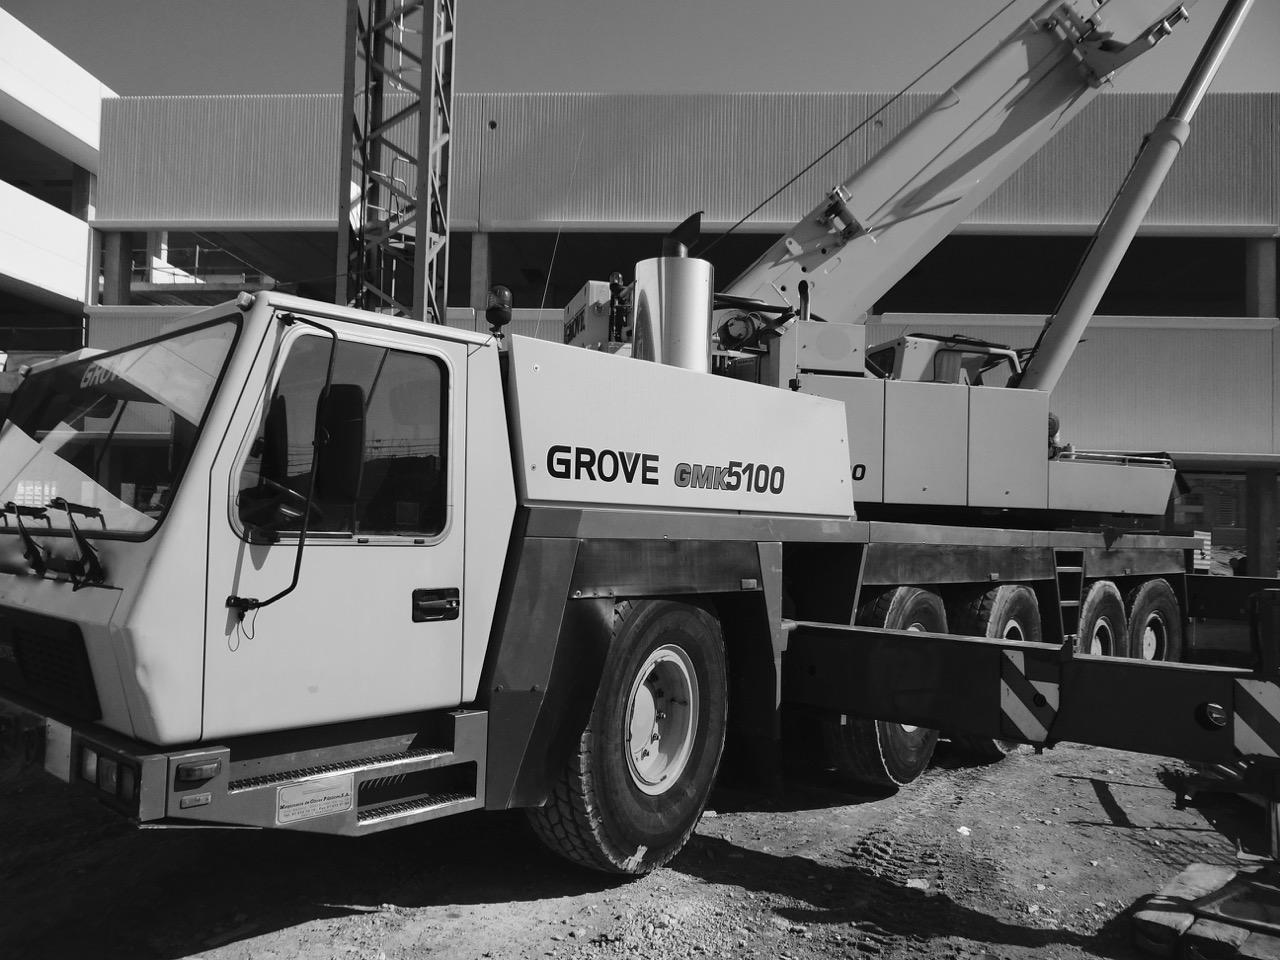 GROVE GMK 5100 MOBILE